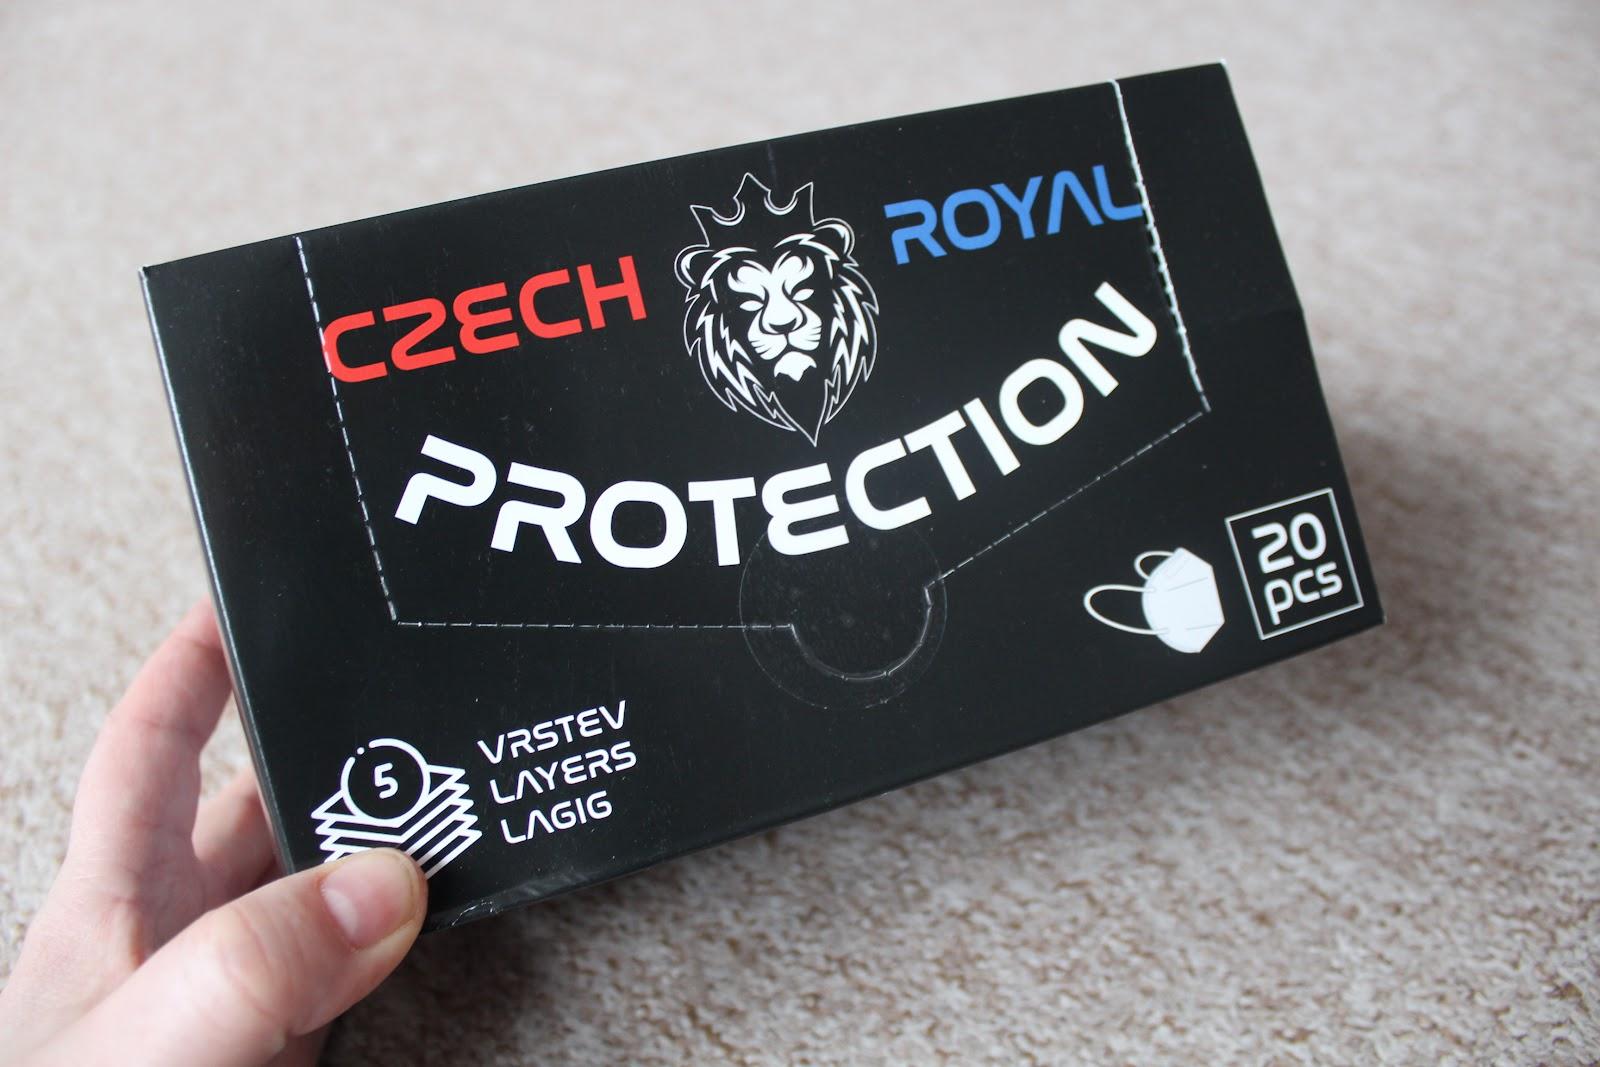 Recenze Lékárna Matěj: Respirátory FFP2 od Czech Royal Protection